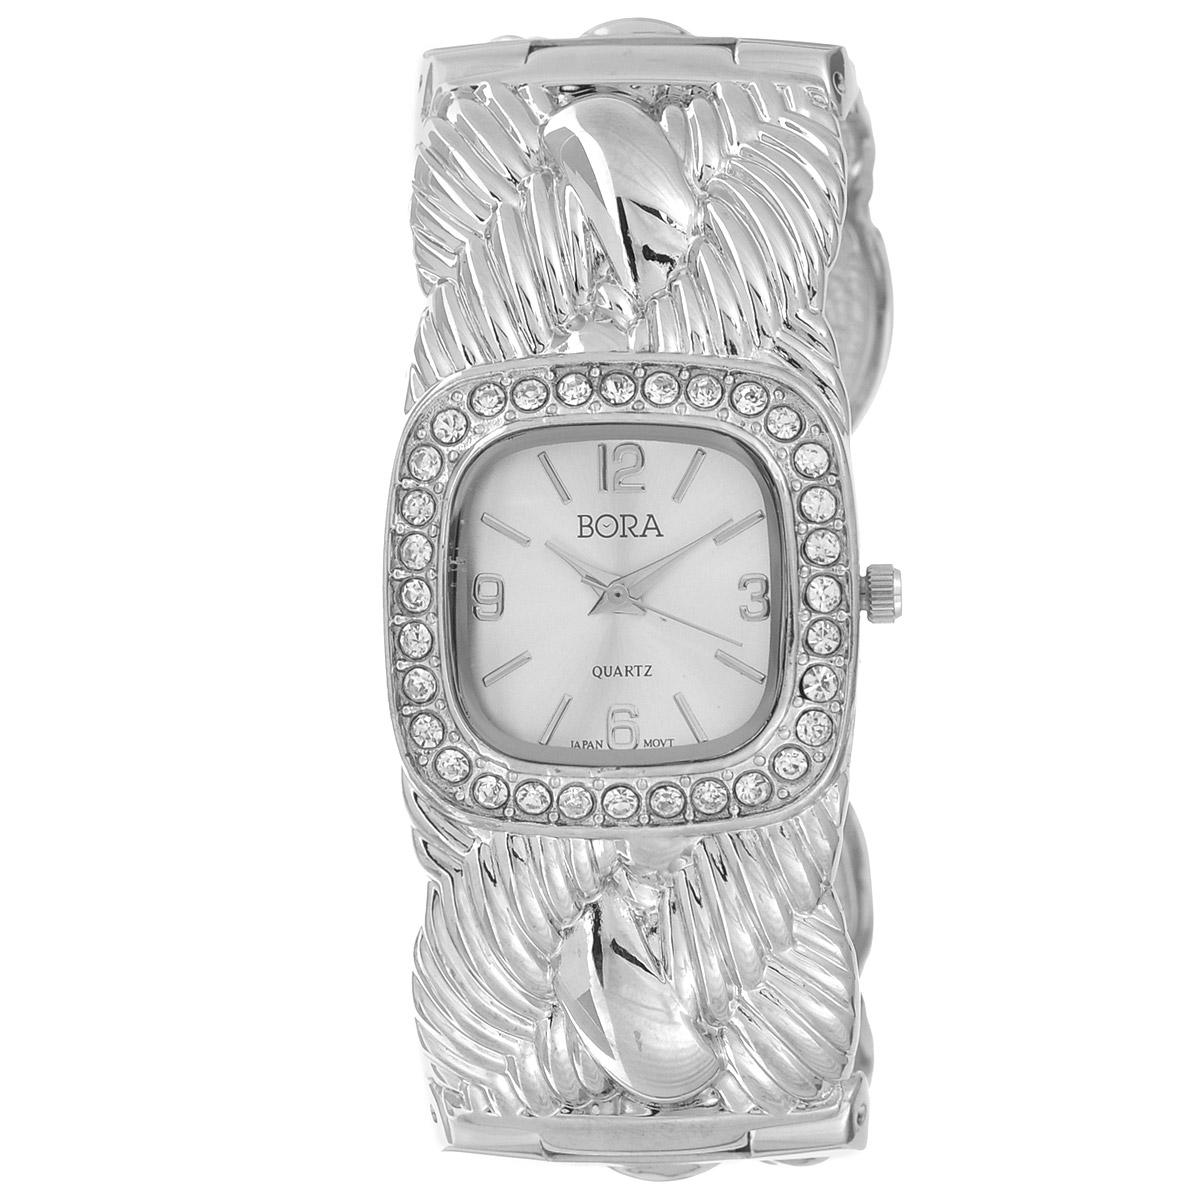 Часы наручные женские Bora, цвет: серебряный. FWBG083 / T-B-8520-WATCH-SILVERFWBG083 / T-B-8520-WATCH-SILVERЧасы торговой марки Bora отличает изысканный стиль и превосходное качество изготовления. Японский механизм Seiko отличает невероятная точность. С ними вы точно не пропустите ничего интересного. Корпус часов выполнен из легированного металлического сплава и украшен стразами. Браслет также металлический, с быстрой пружинной защелкой. Практичная и незаменимая вещь в сумасшедшем ритме современной жизни. Стильный и элегантный аксессуар идеально дополнит ваш повседневный образ. Характеристики: Размеры корпуса: 2,6 х 2,6 х 0,6 см. Не водостойкие. Диаметр браслета: 6,5 см.